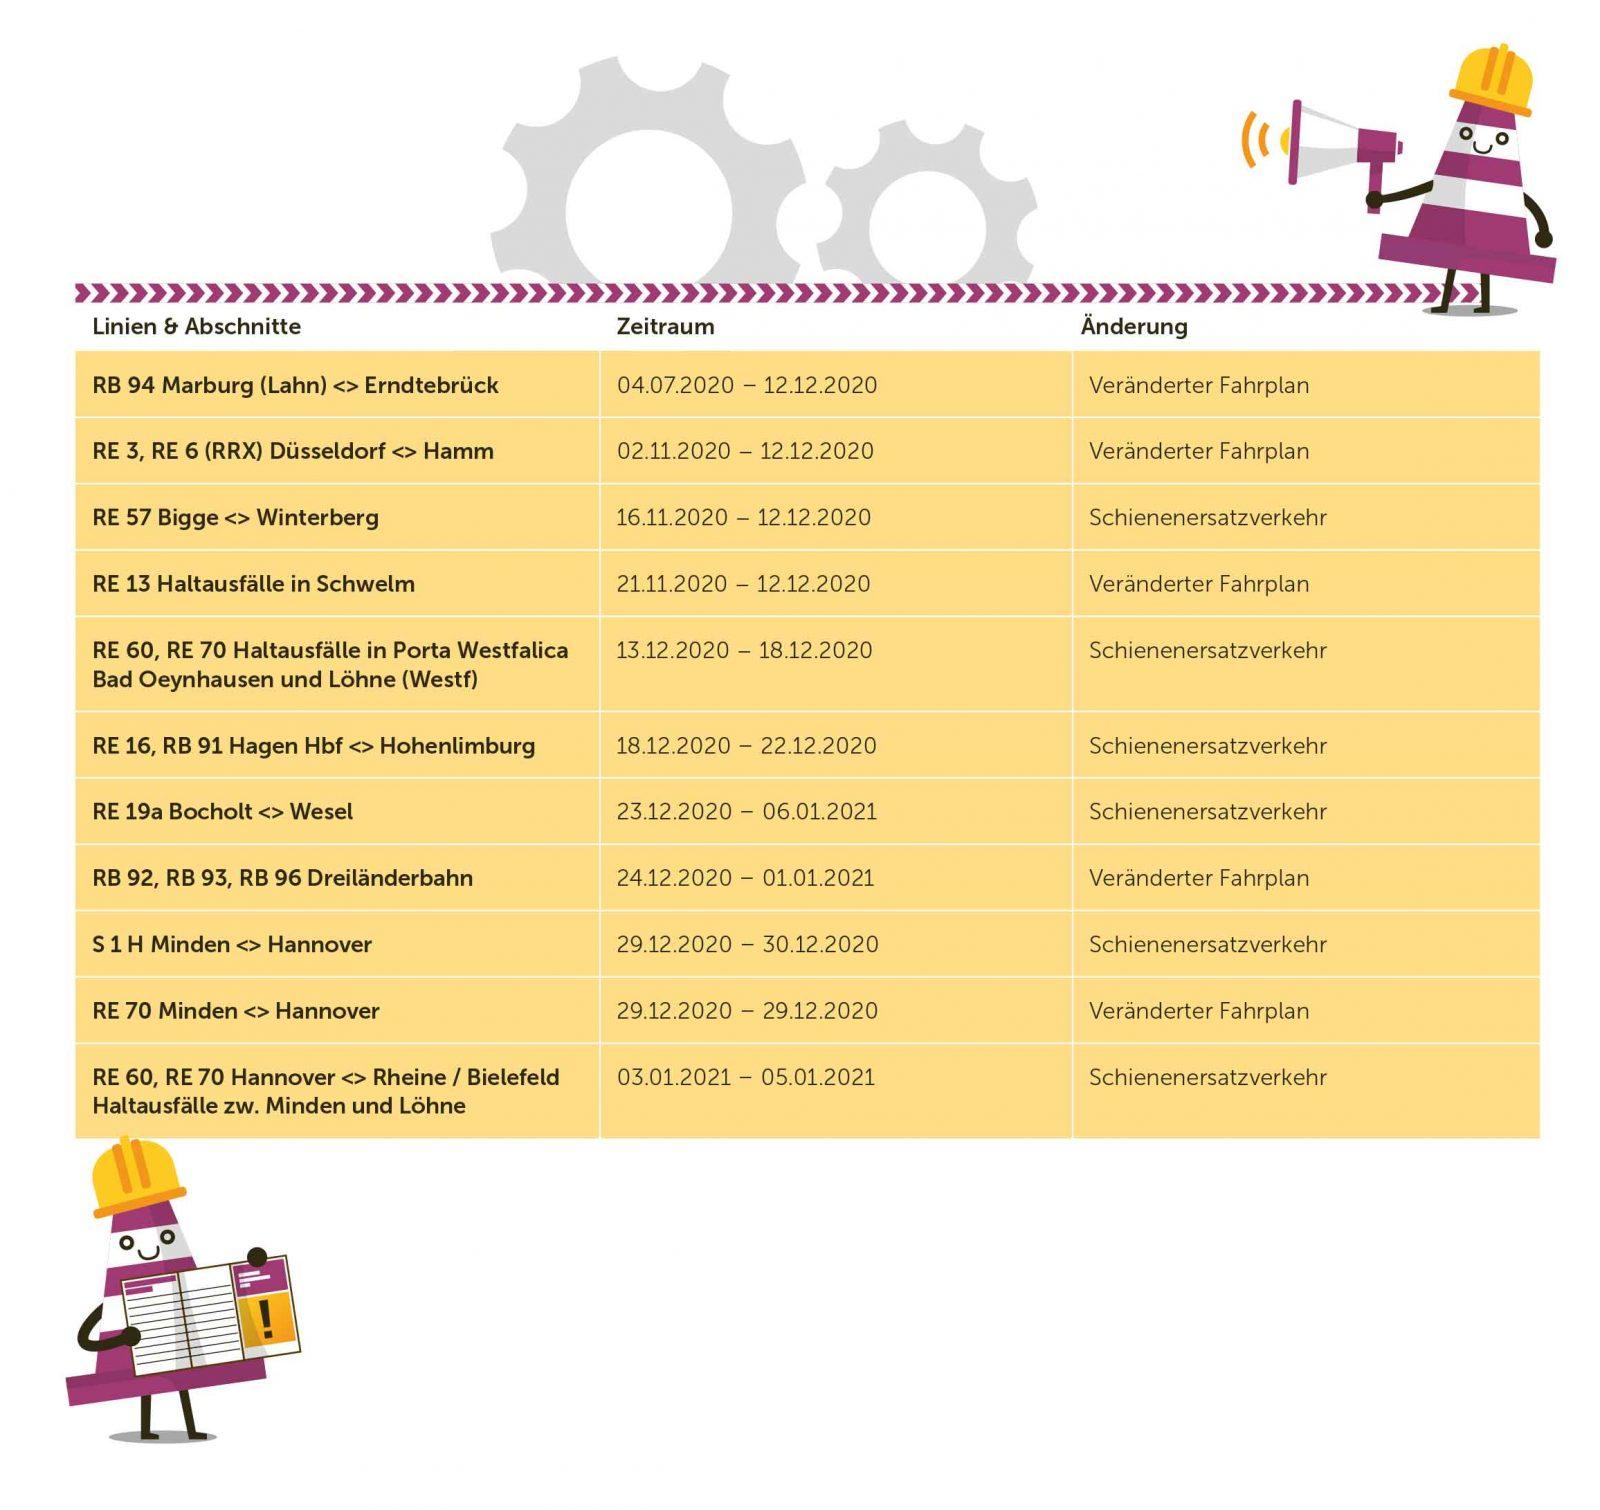 Baustellen_Extrazeit_04-2020